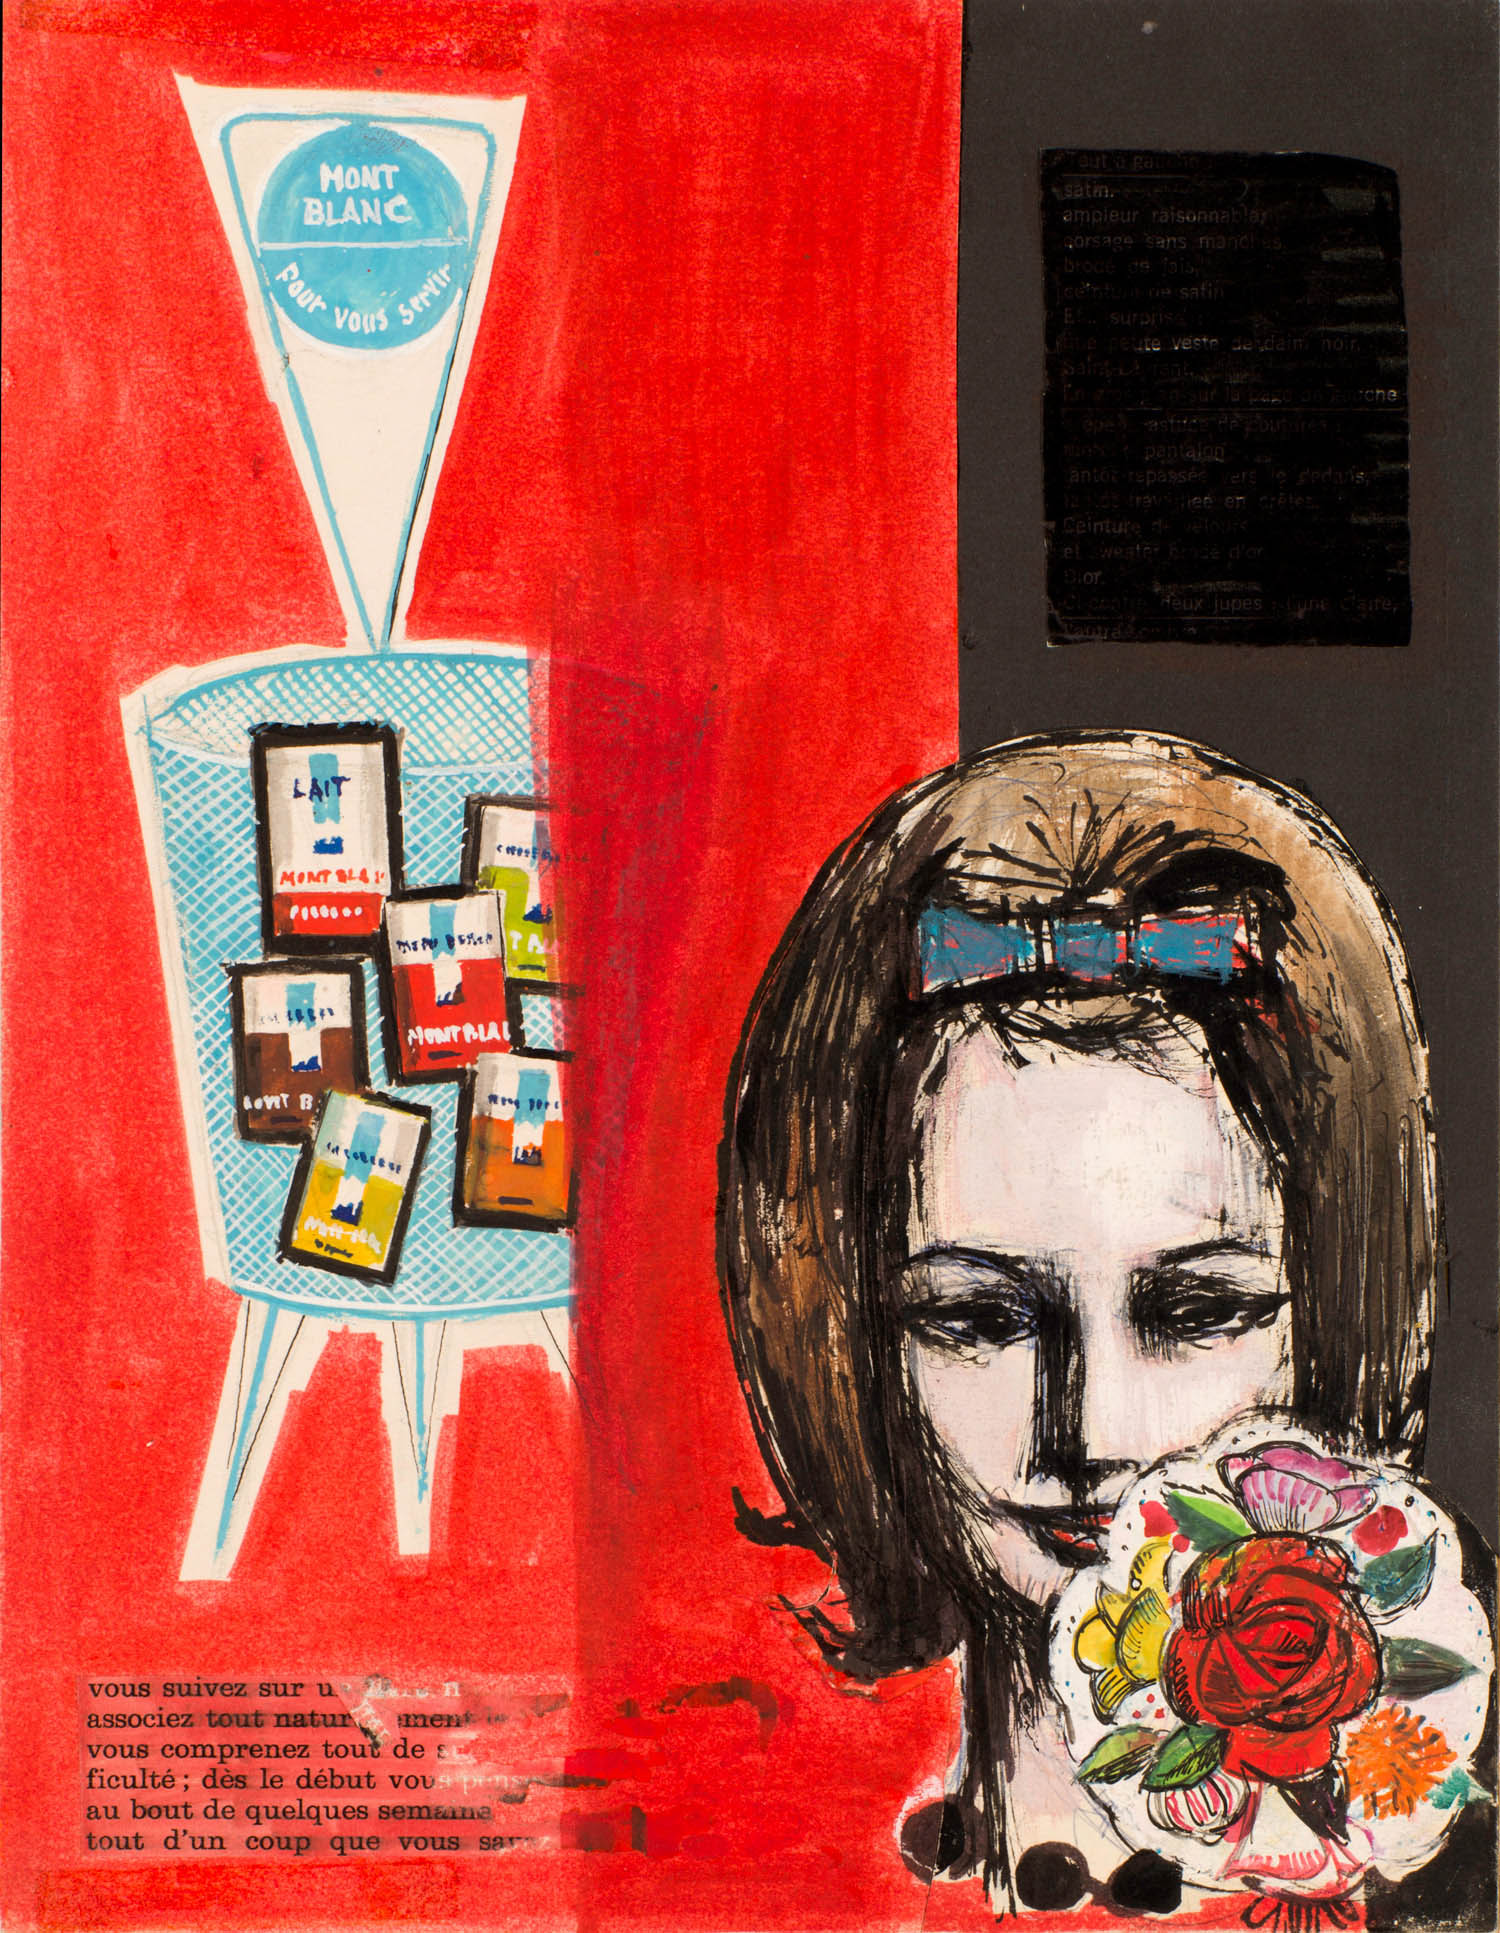 Femme sur fond rouge et noir | Femme sur fond rouge et noir | Robert Gigi